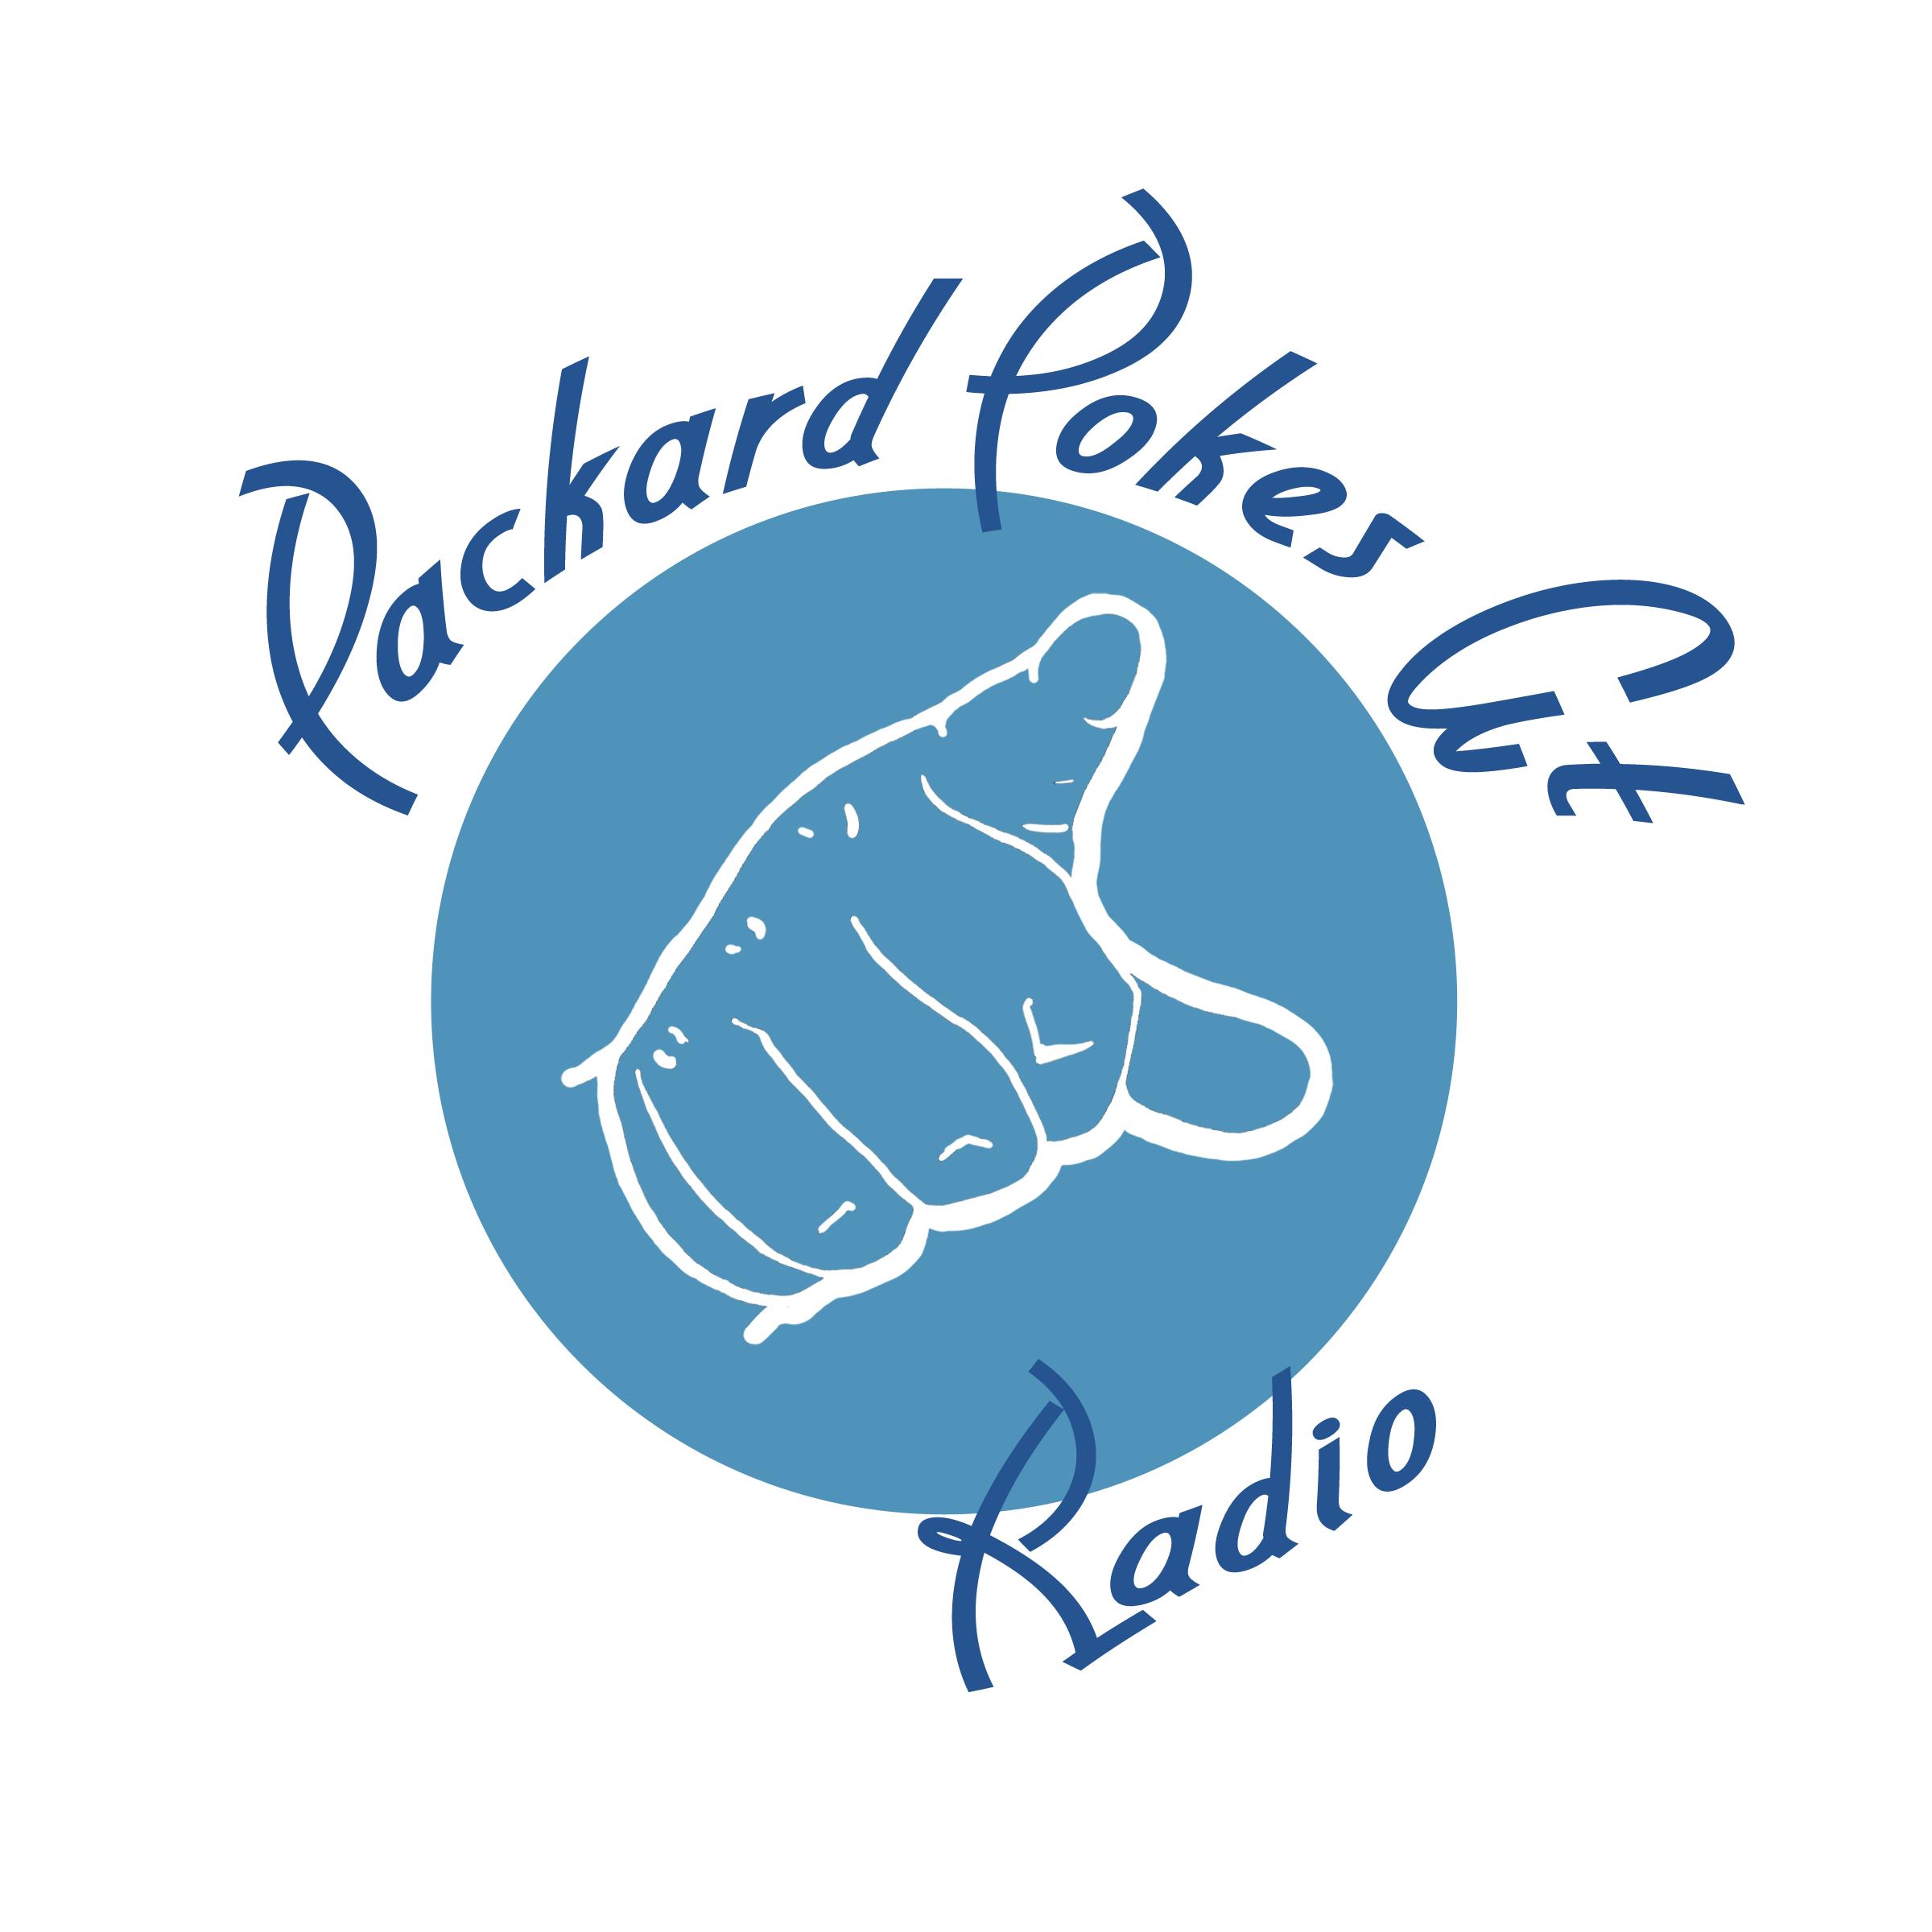 должностная инструкция начальника отдела радио